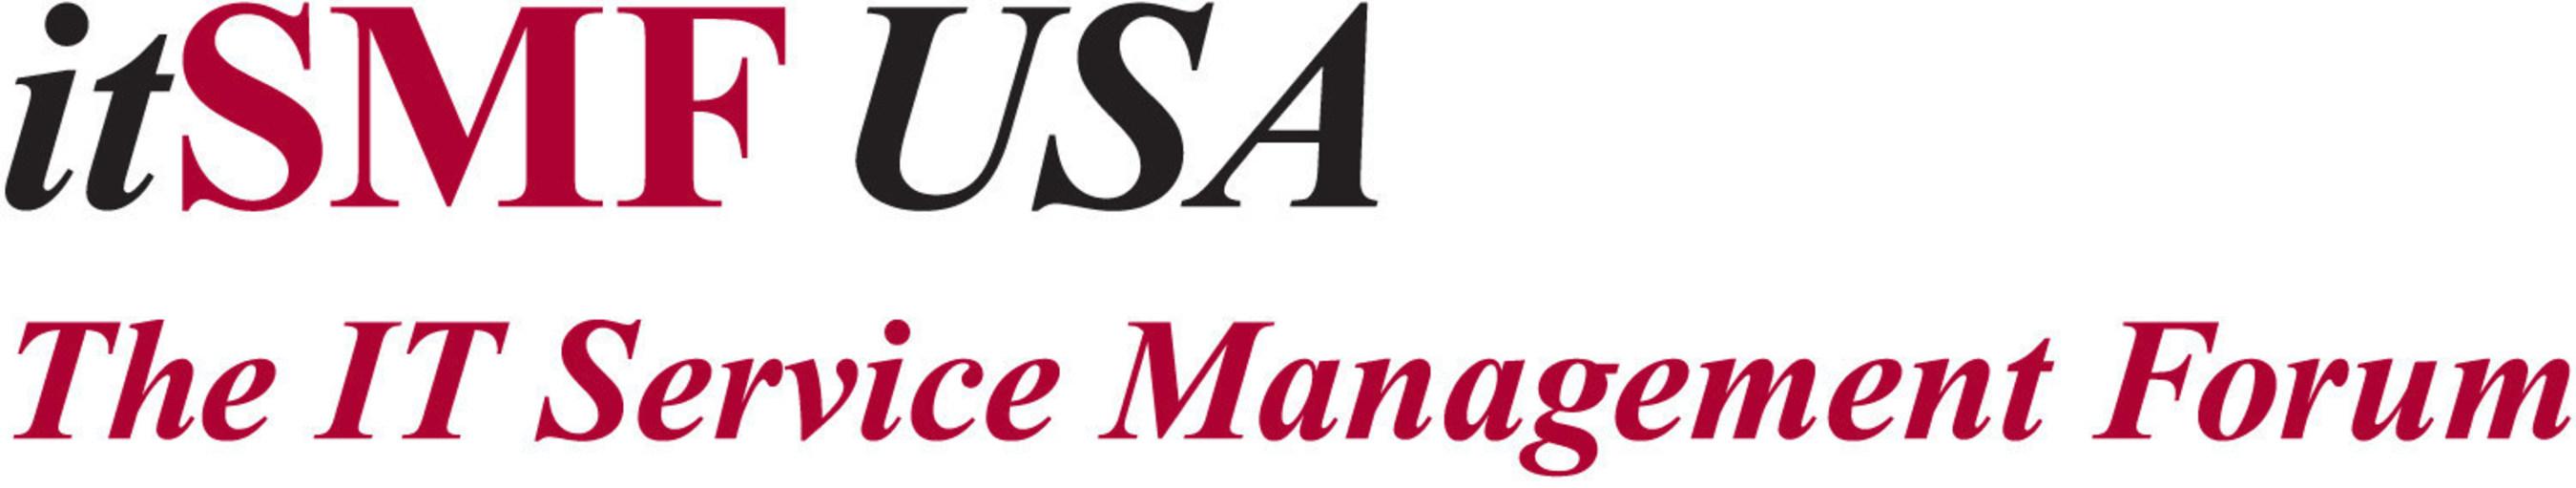 The IT Service Management Forum